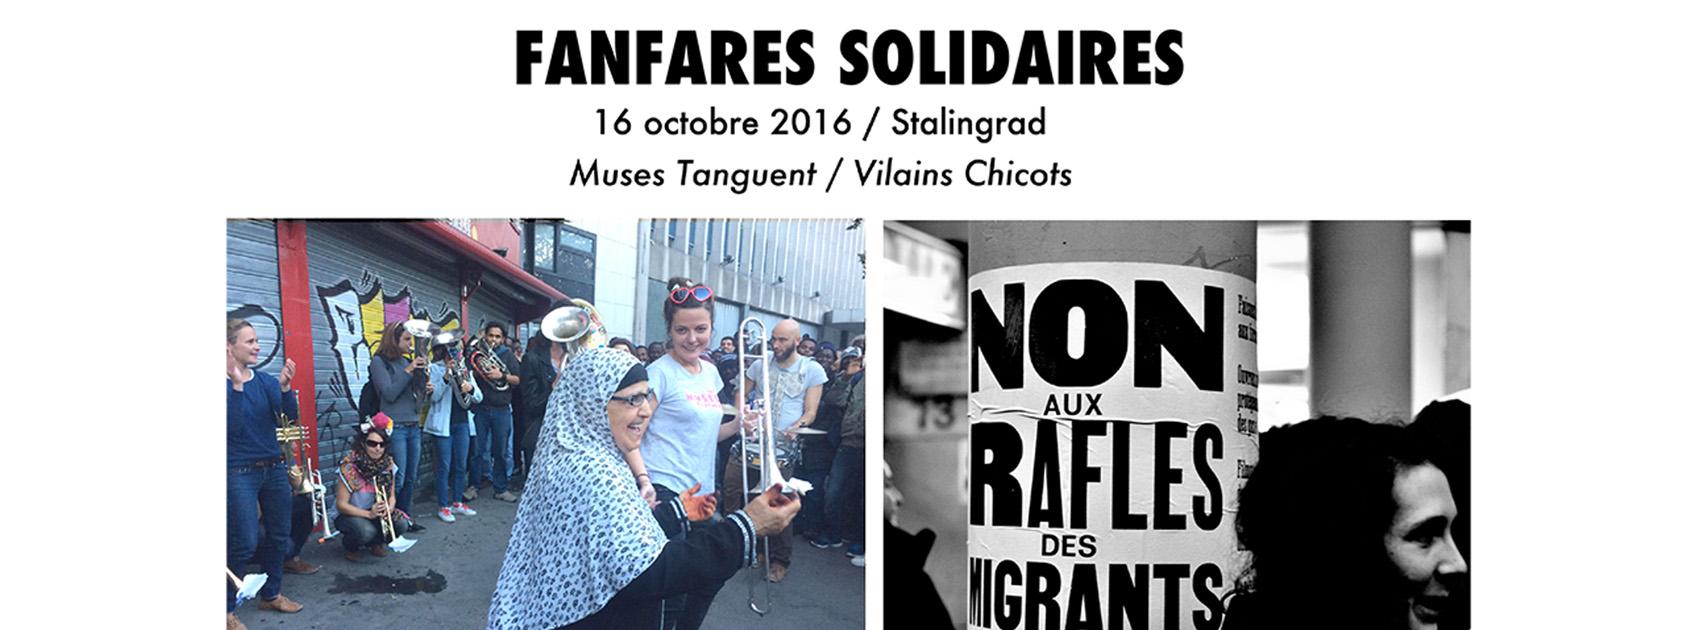 20161017_MUSES-VILAINS_Banniere_Fanfares-solidaires.jpg